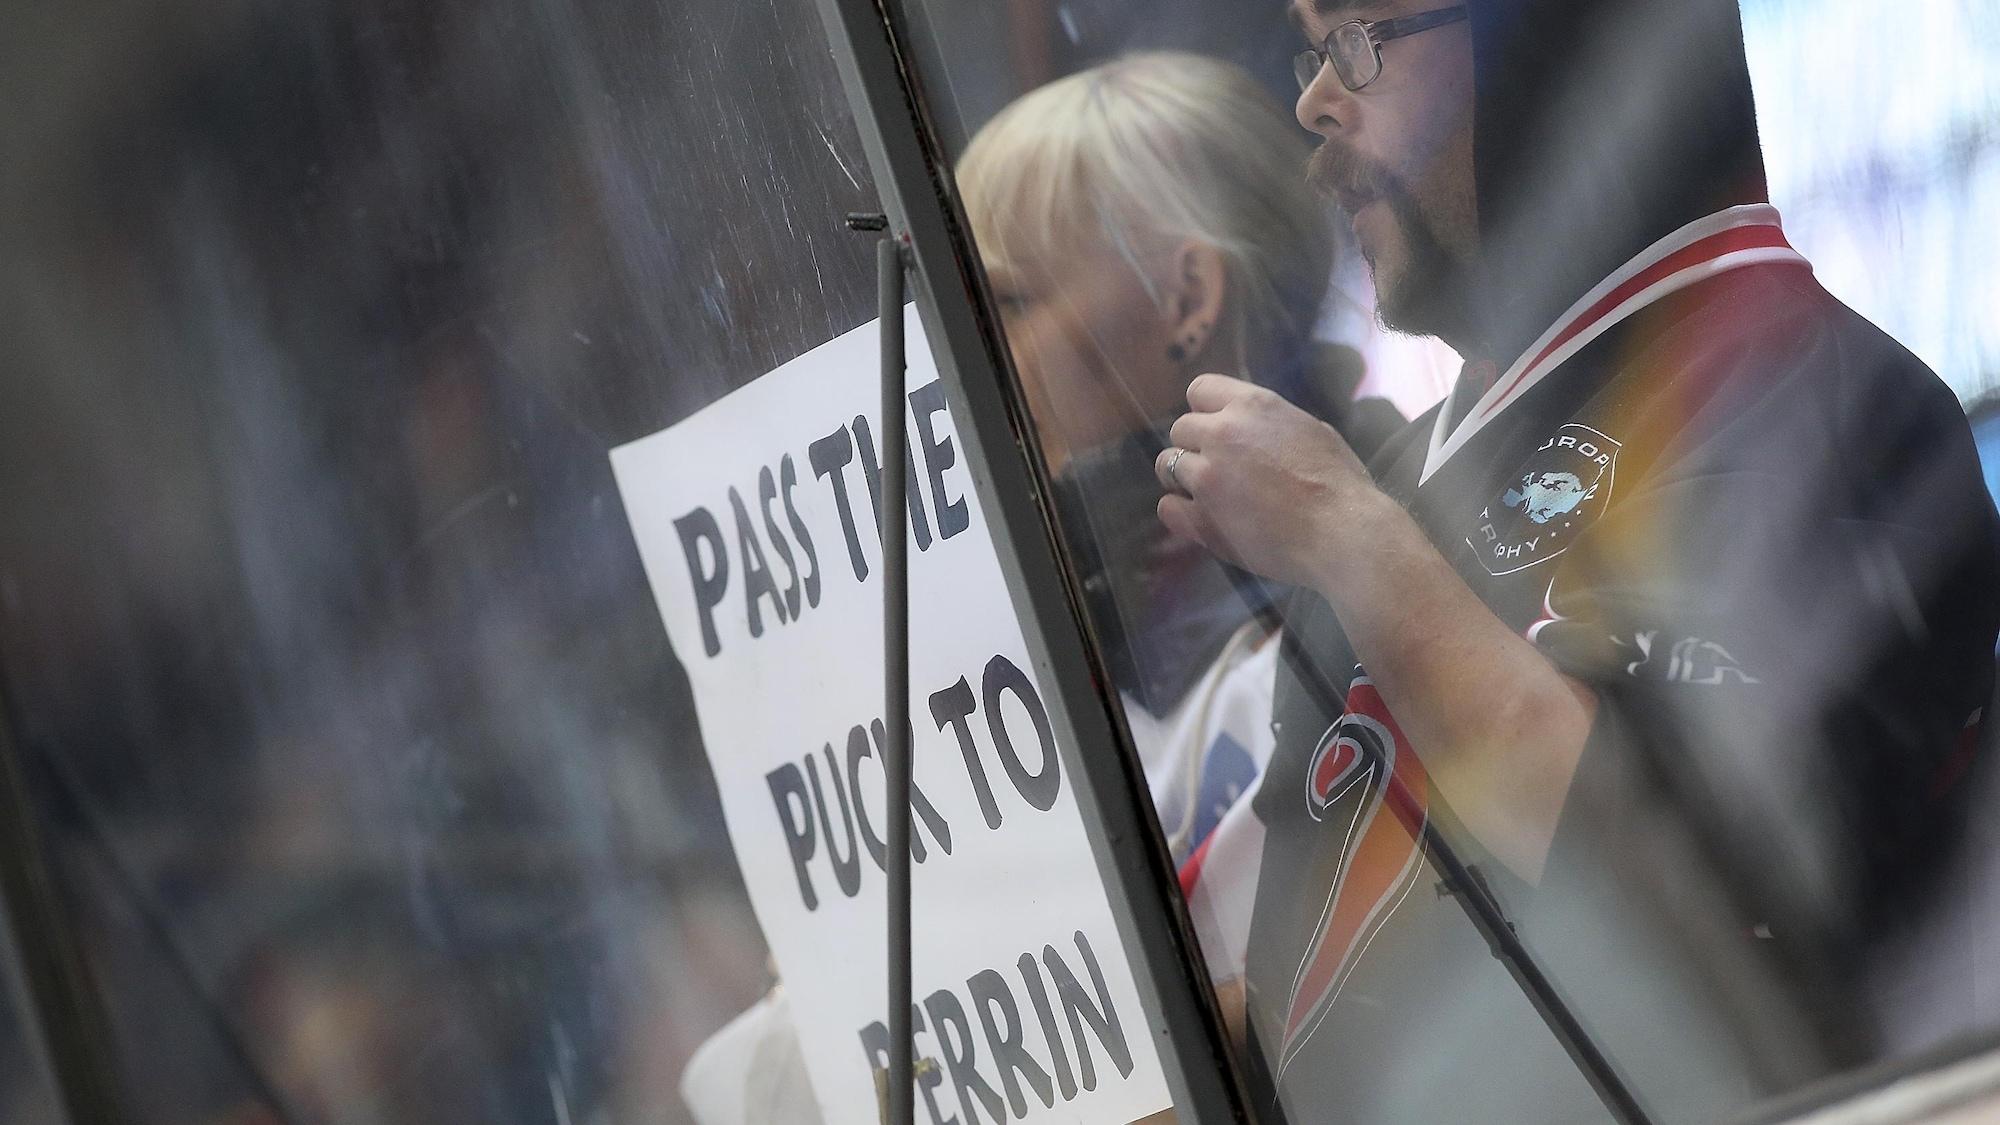 Deux partisans tiennent une affiche sur laquelle est écrit « Passez la rondelle à Perin ».